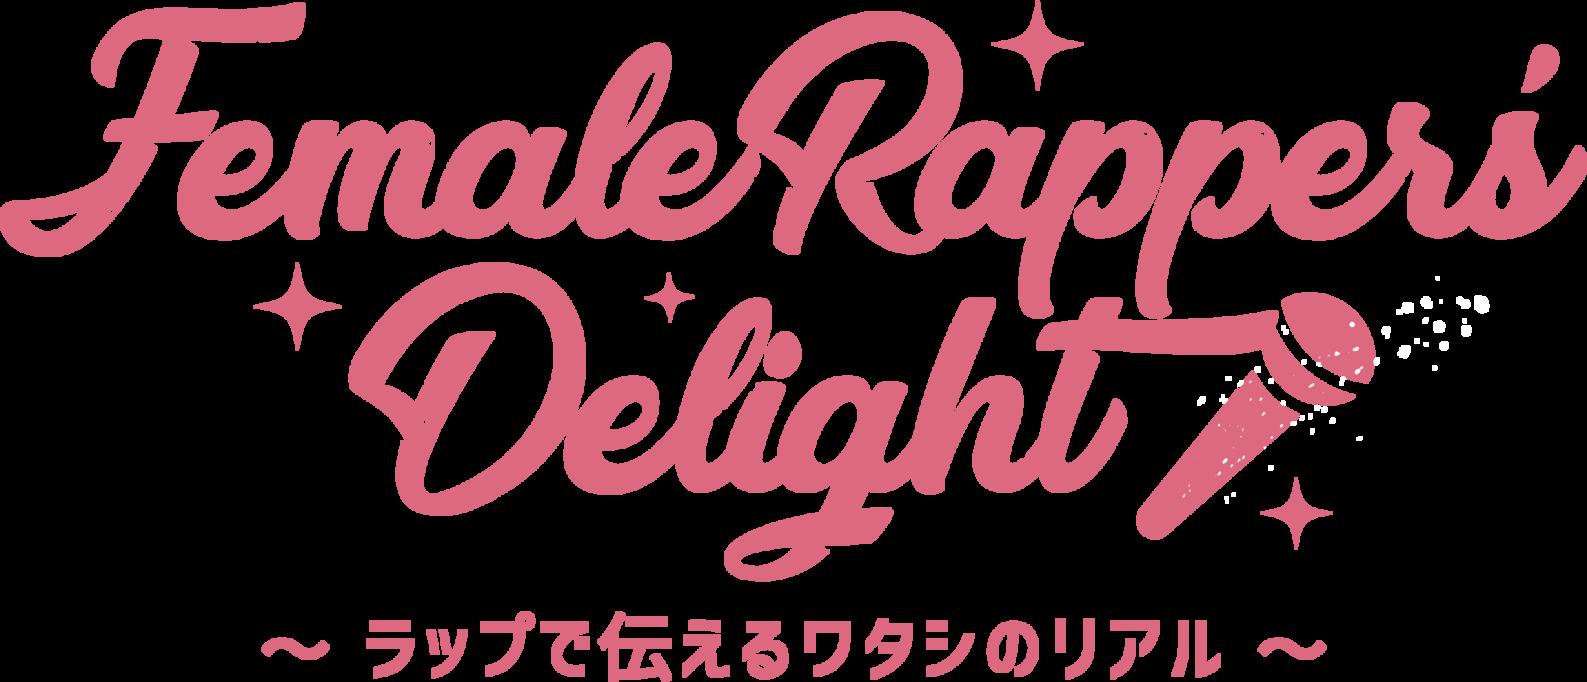 Female Rapper's Delight